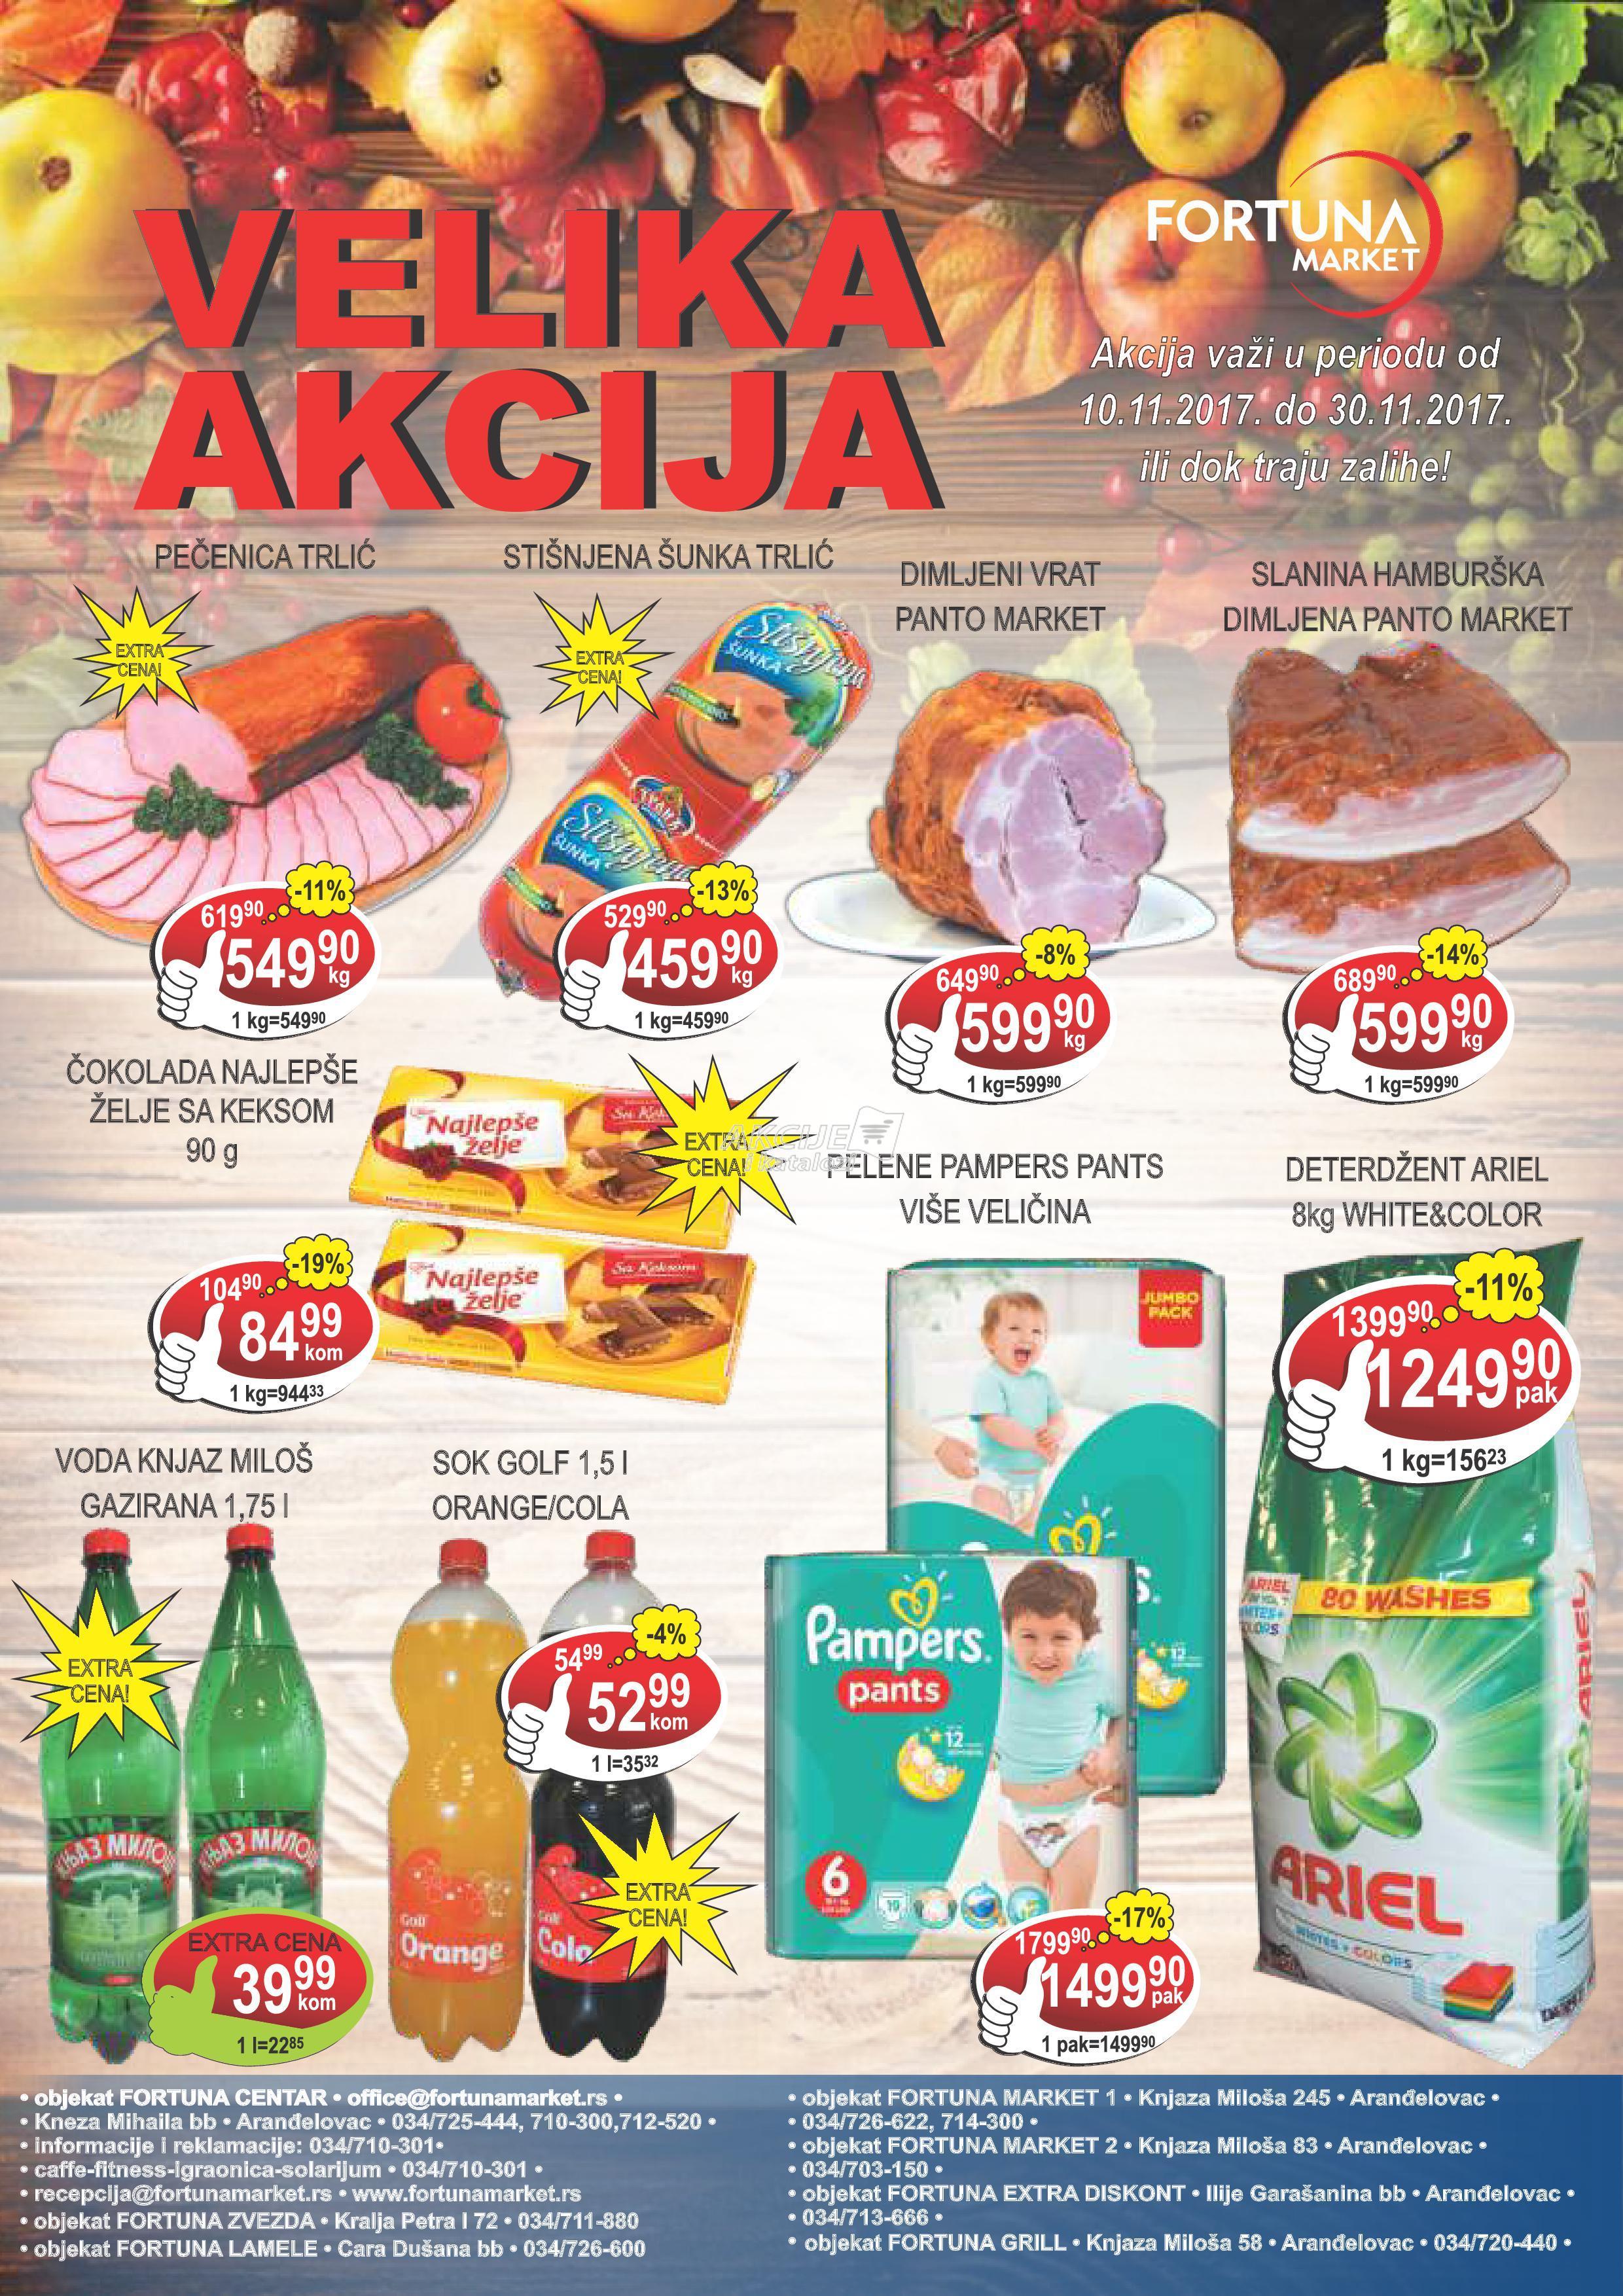 Fortuna market akcija super kupovine